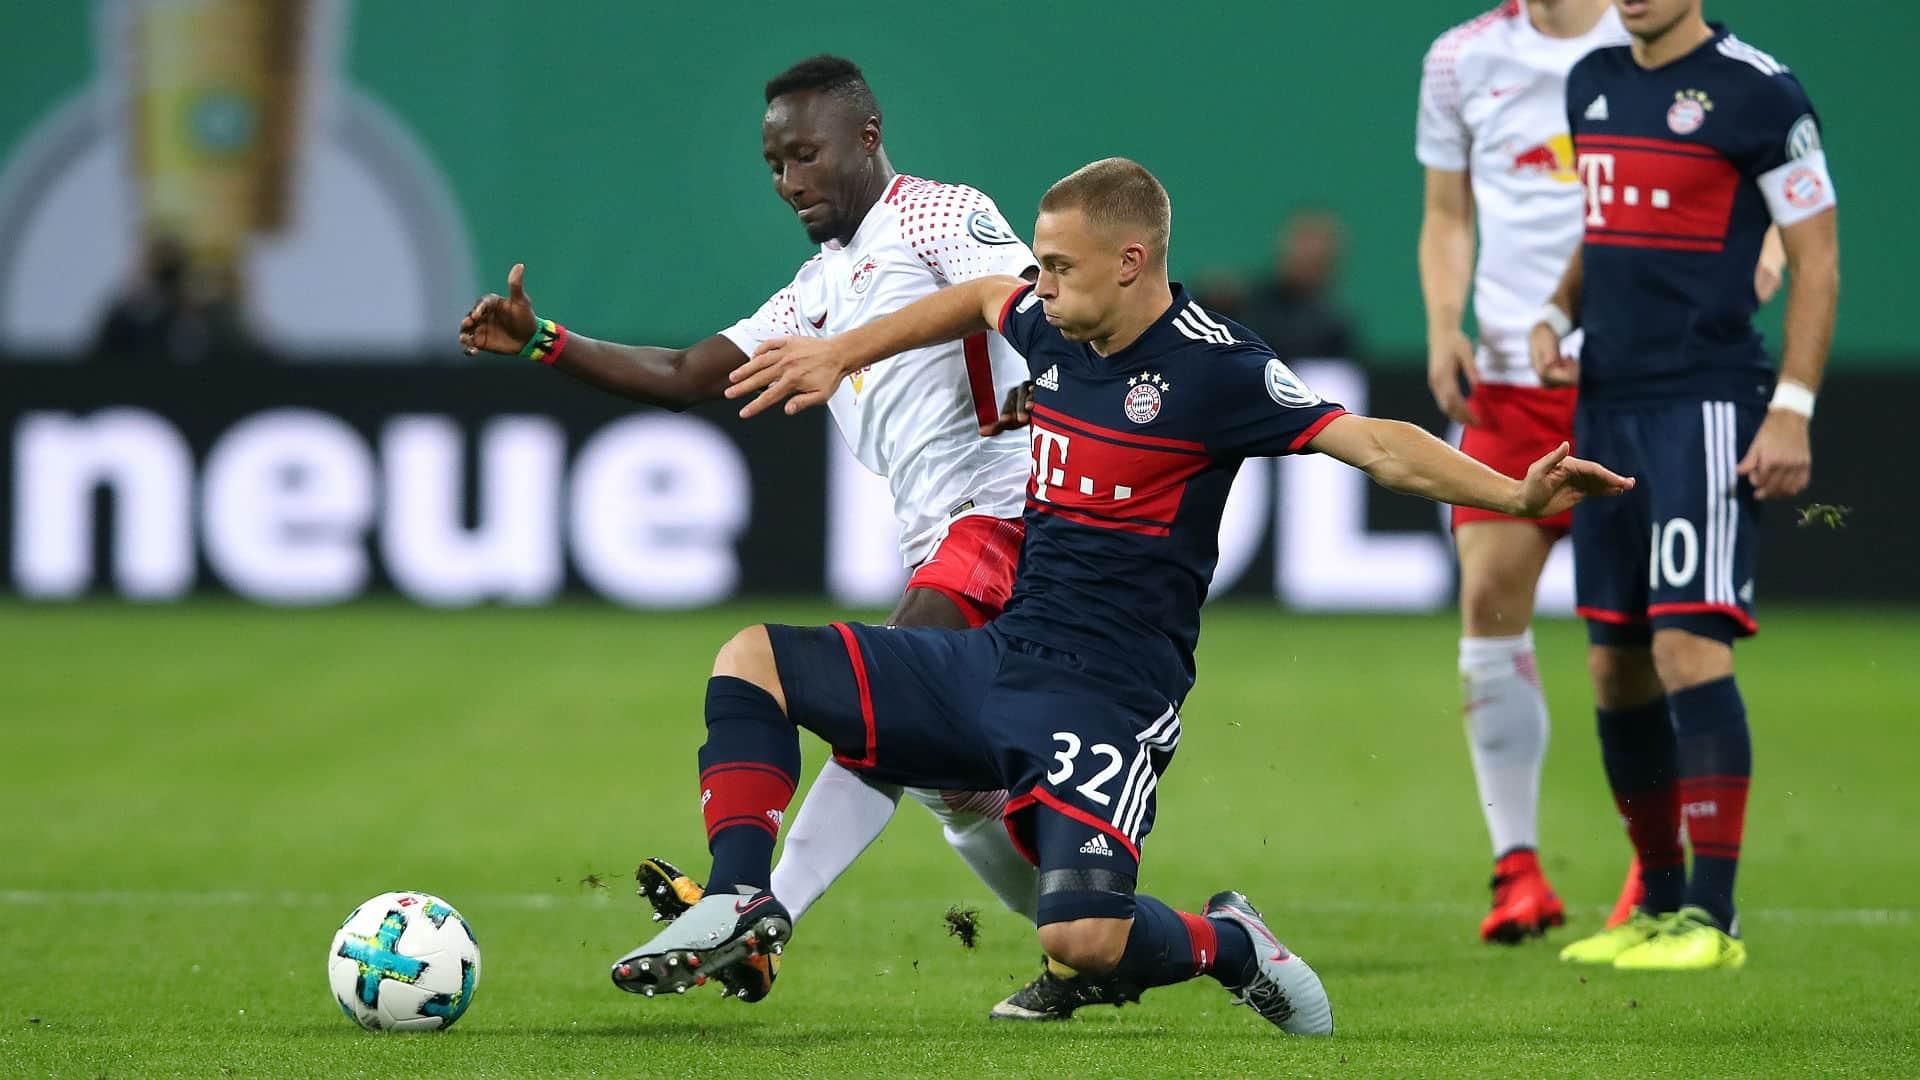 Leipzig vs. Bayern